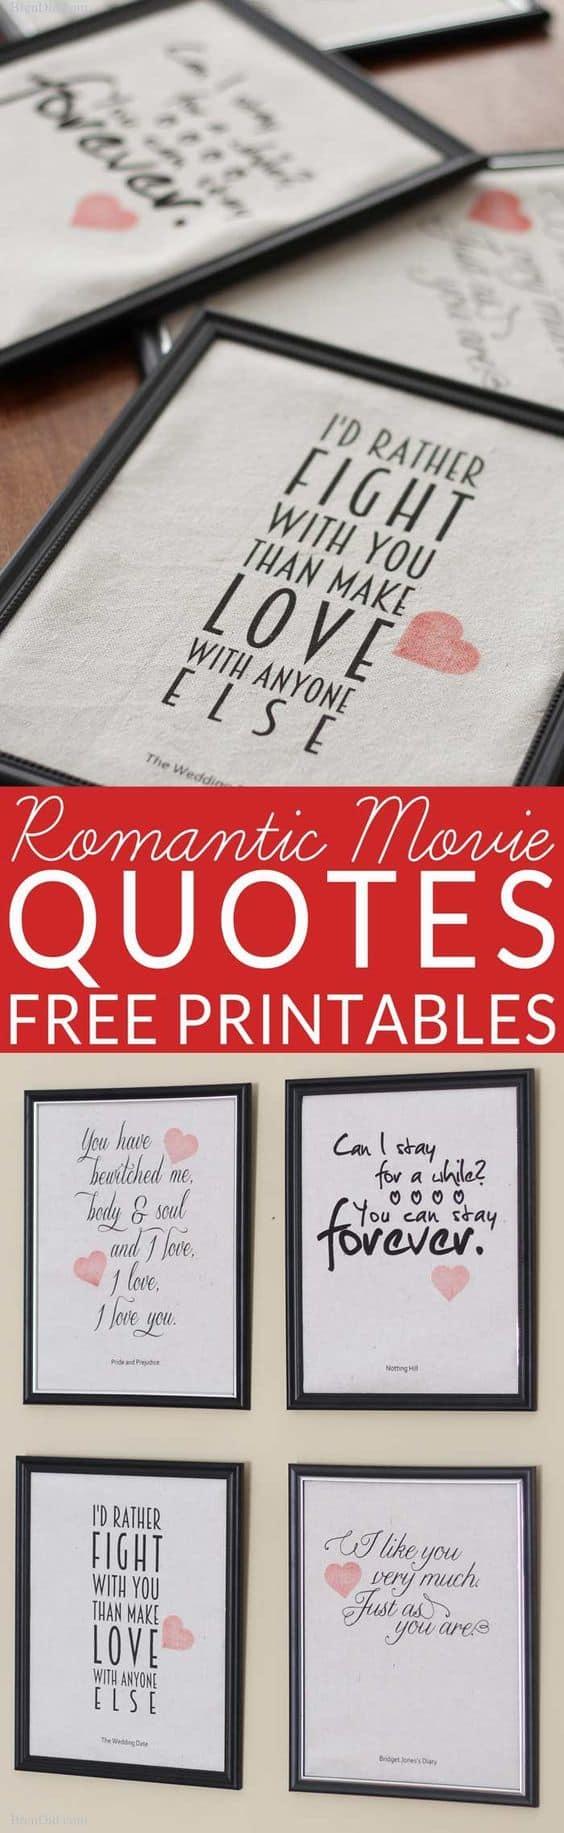 DIY Framed Movie Quote Gift/ The best Valentine's Day gift ideas/ DIY boyfriend gifts